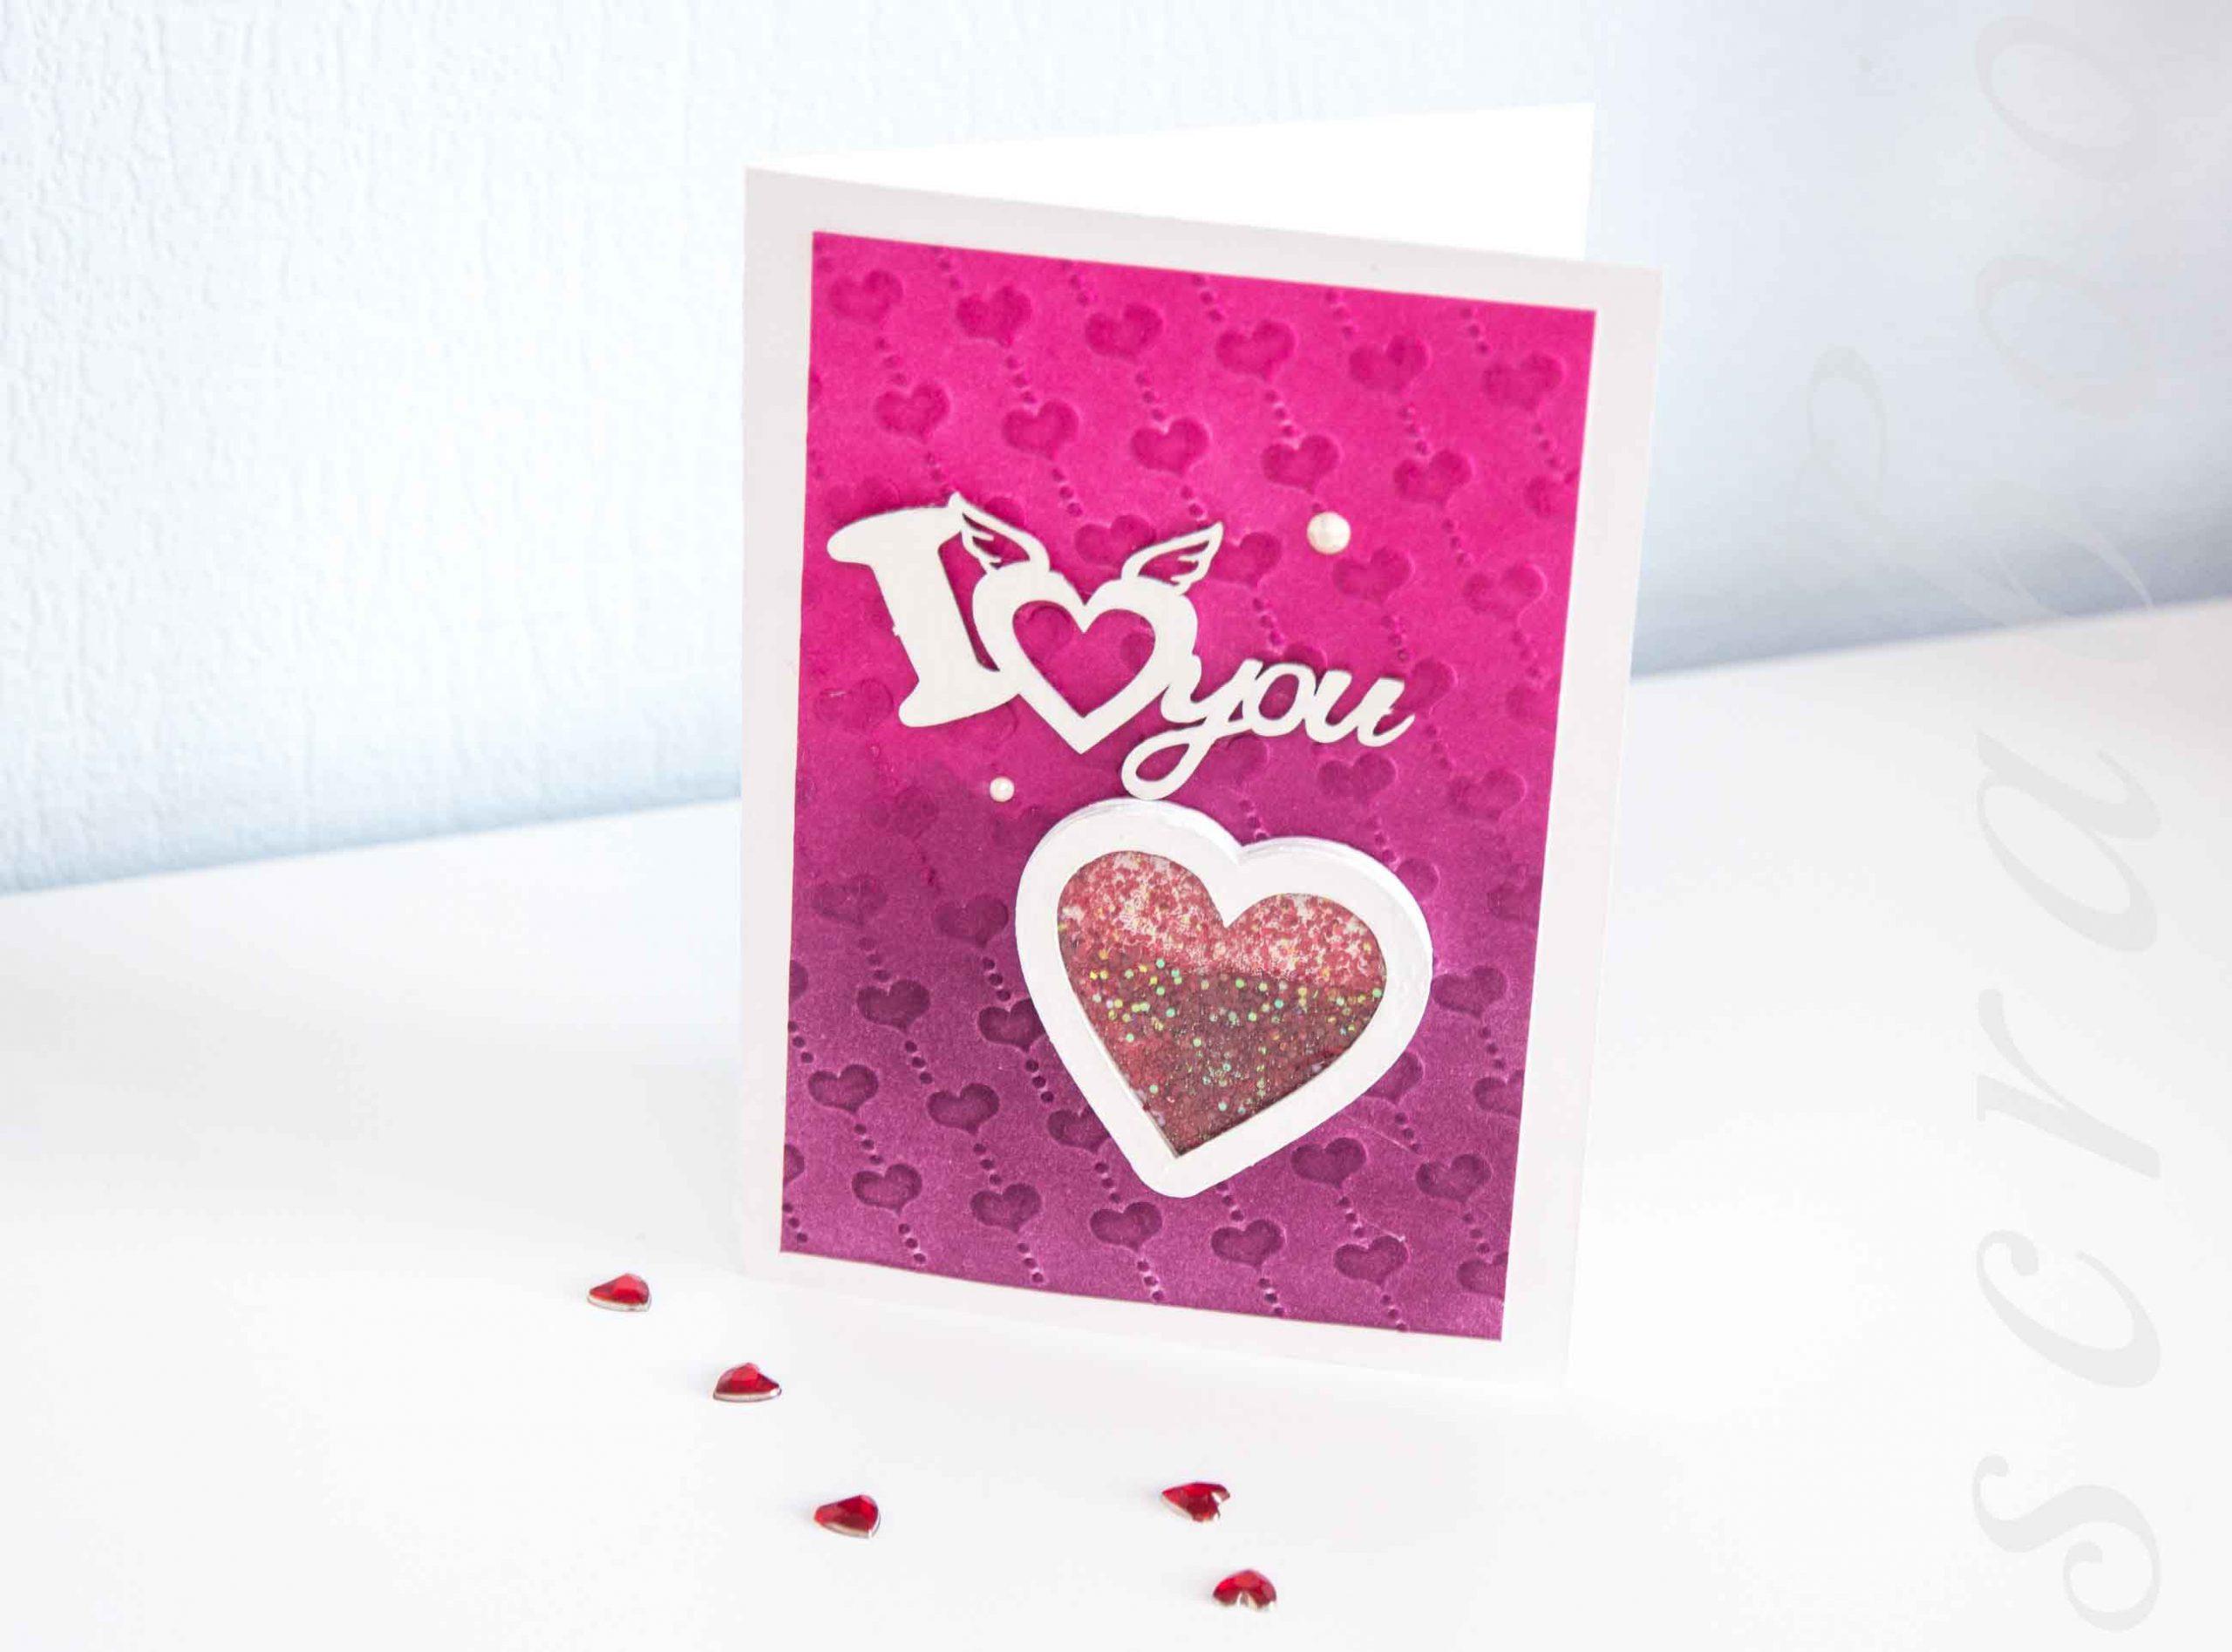 Καρτ ποστάλ για την αγάπη